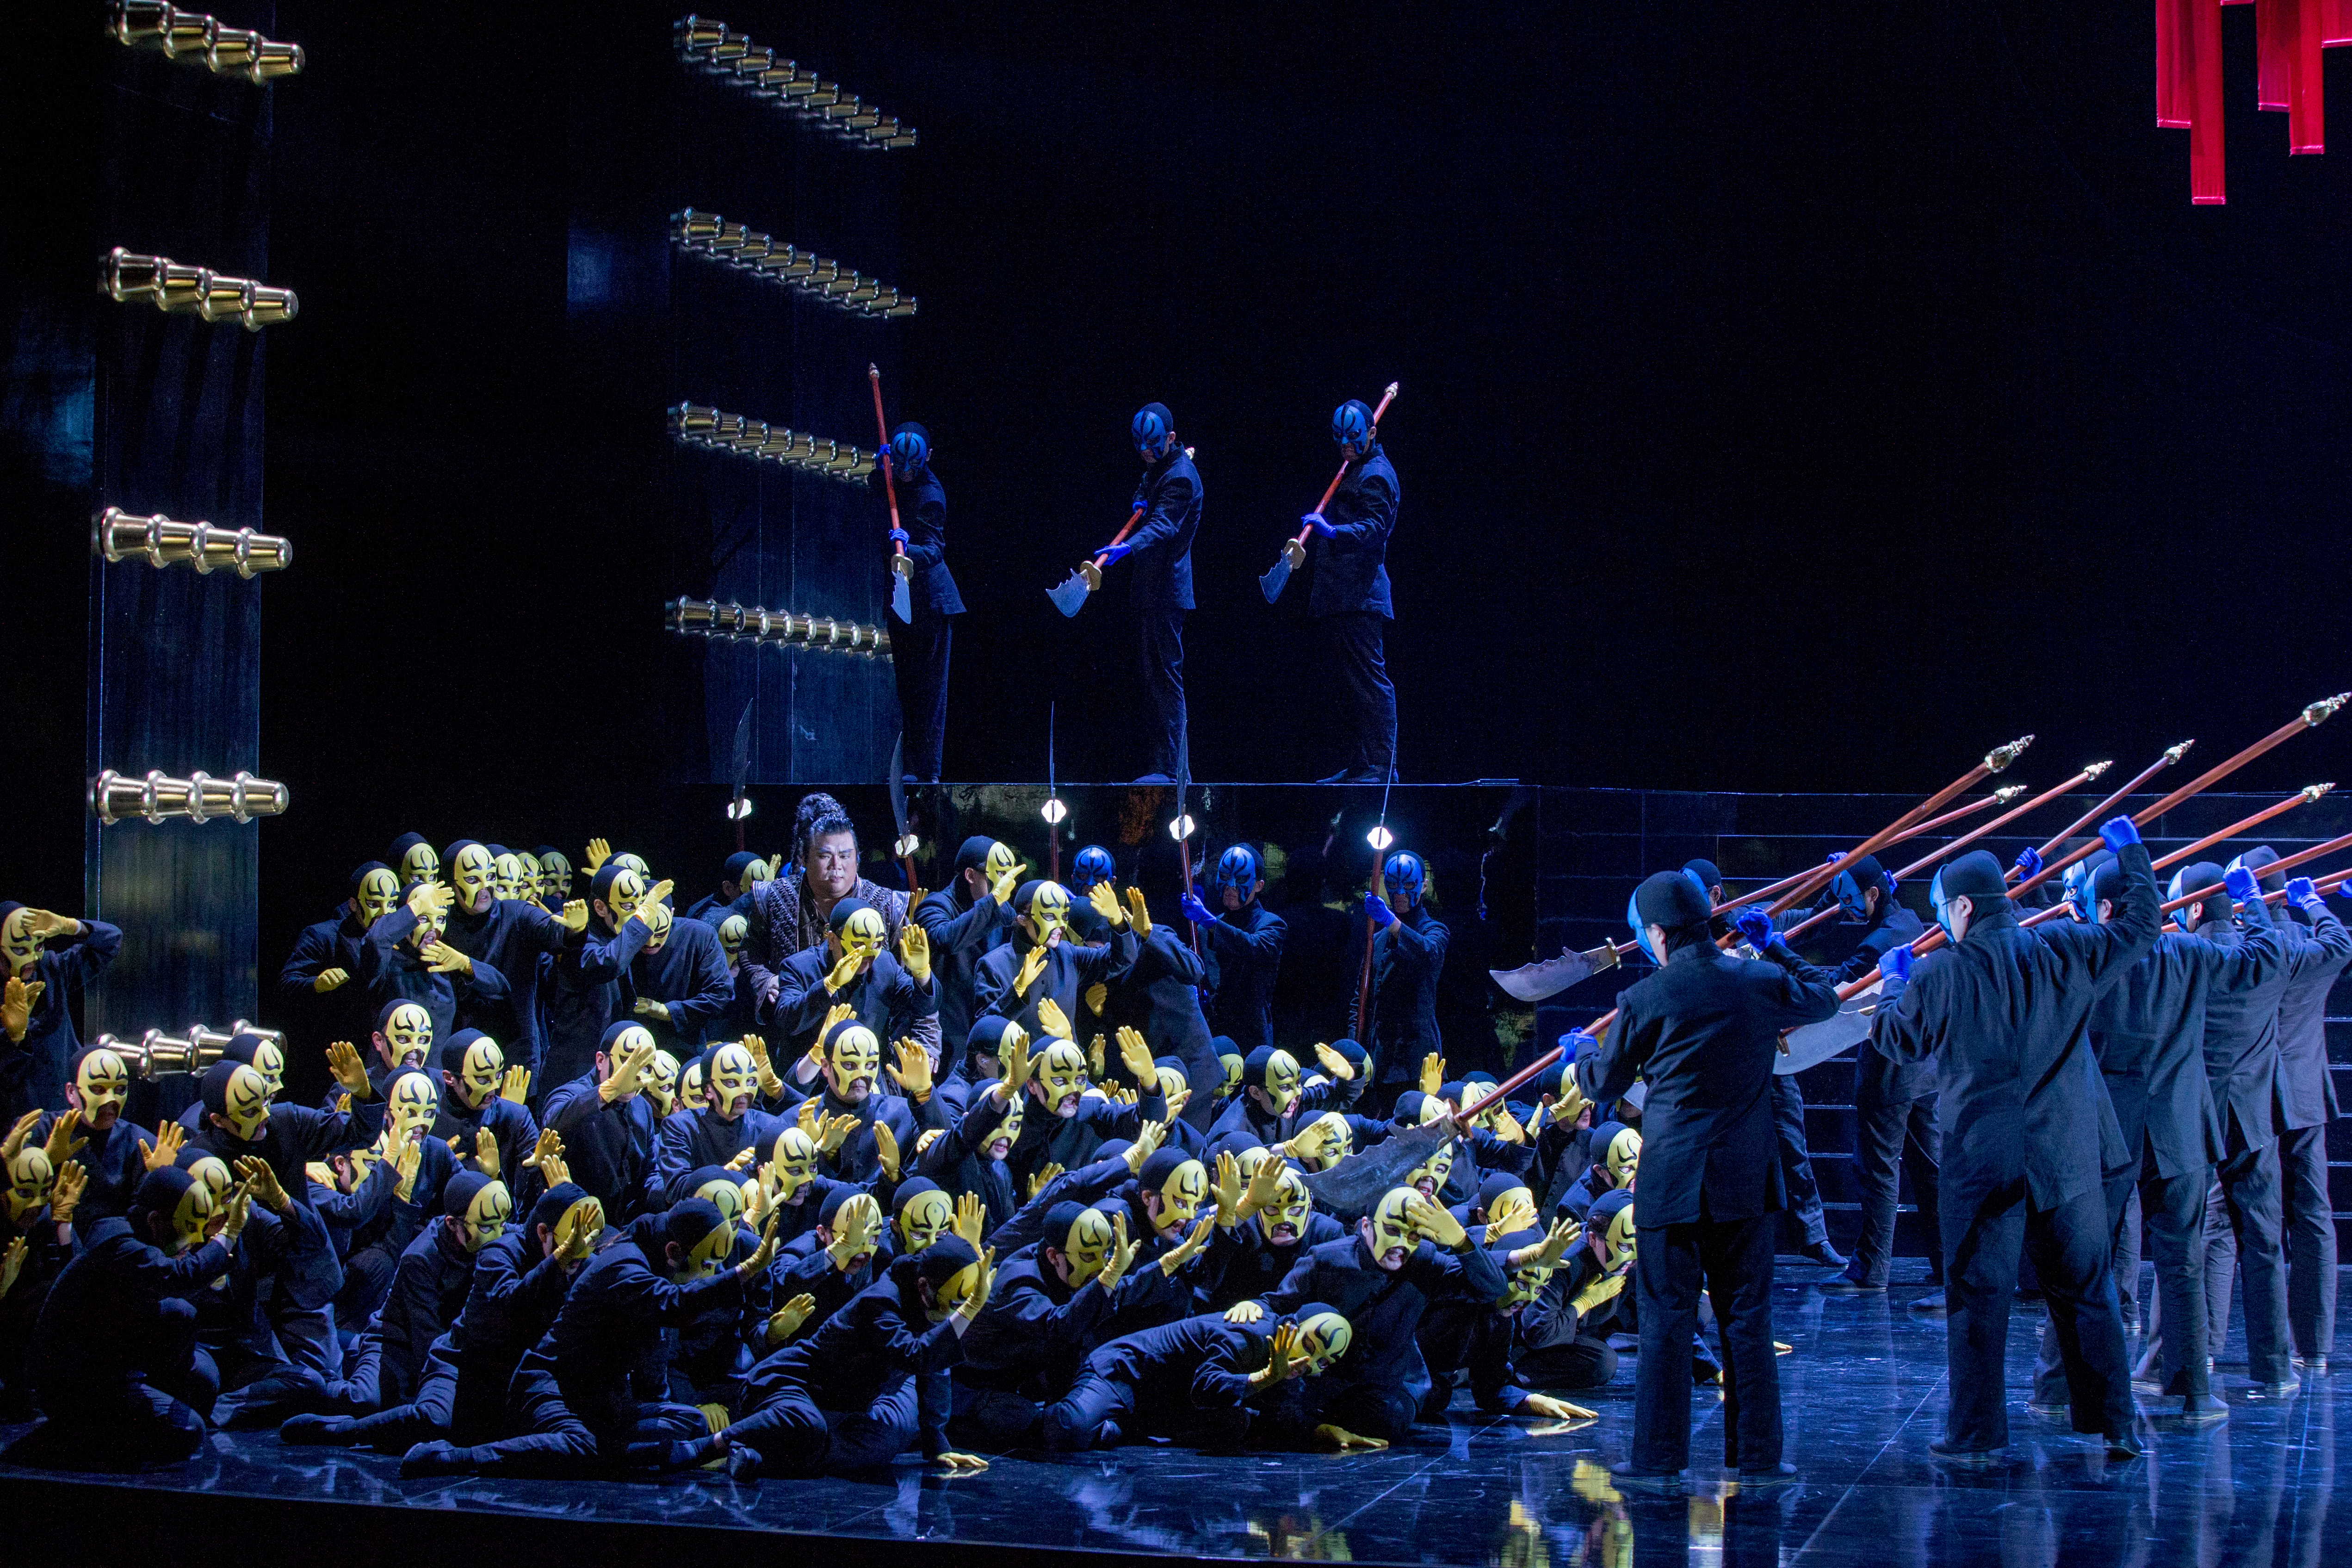 杜蘭朵-普契尼三幕歌劇總彩排